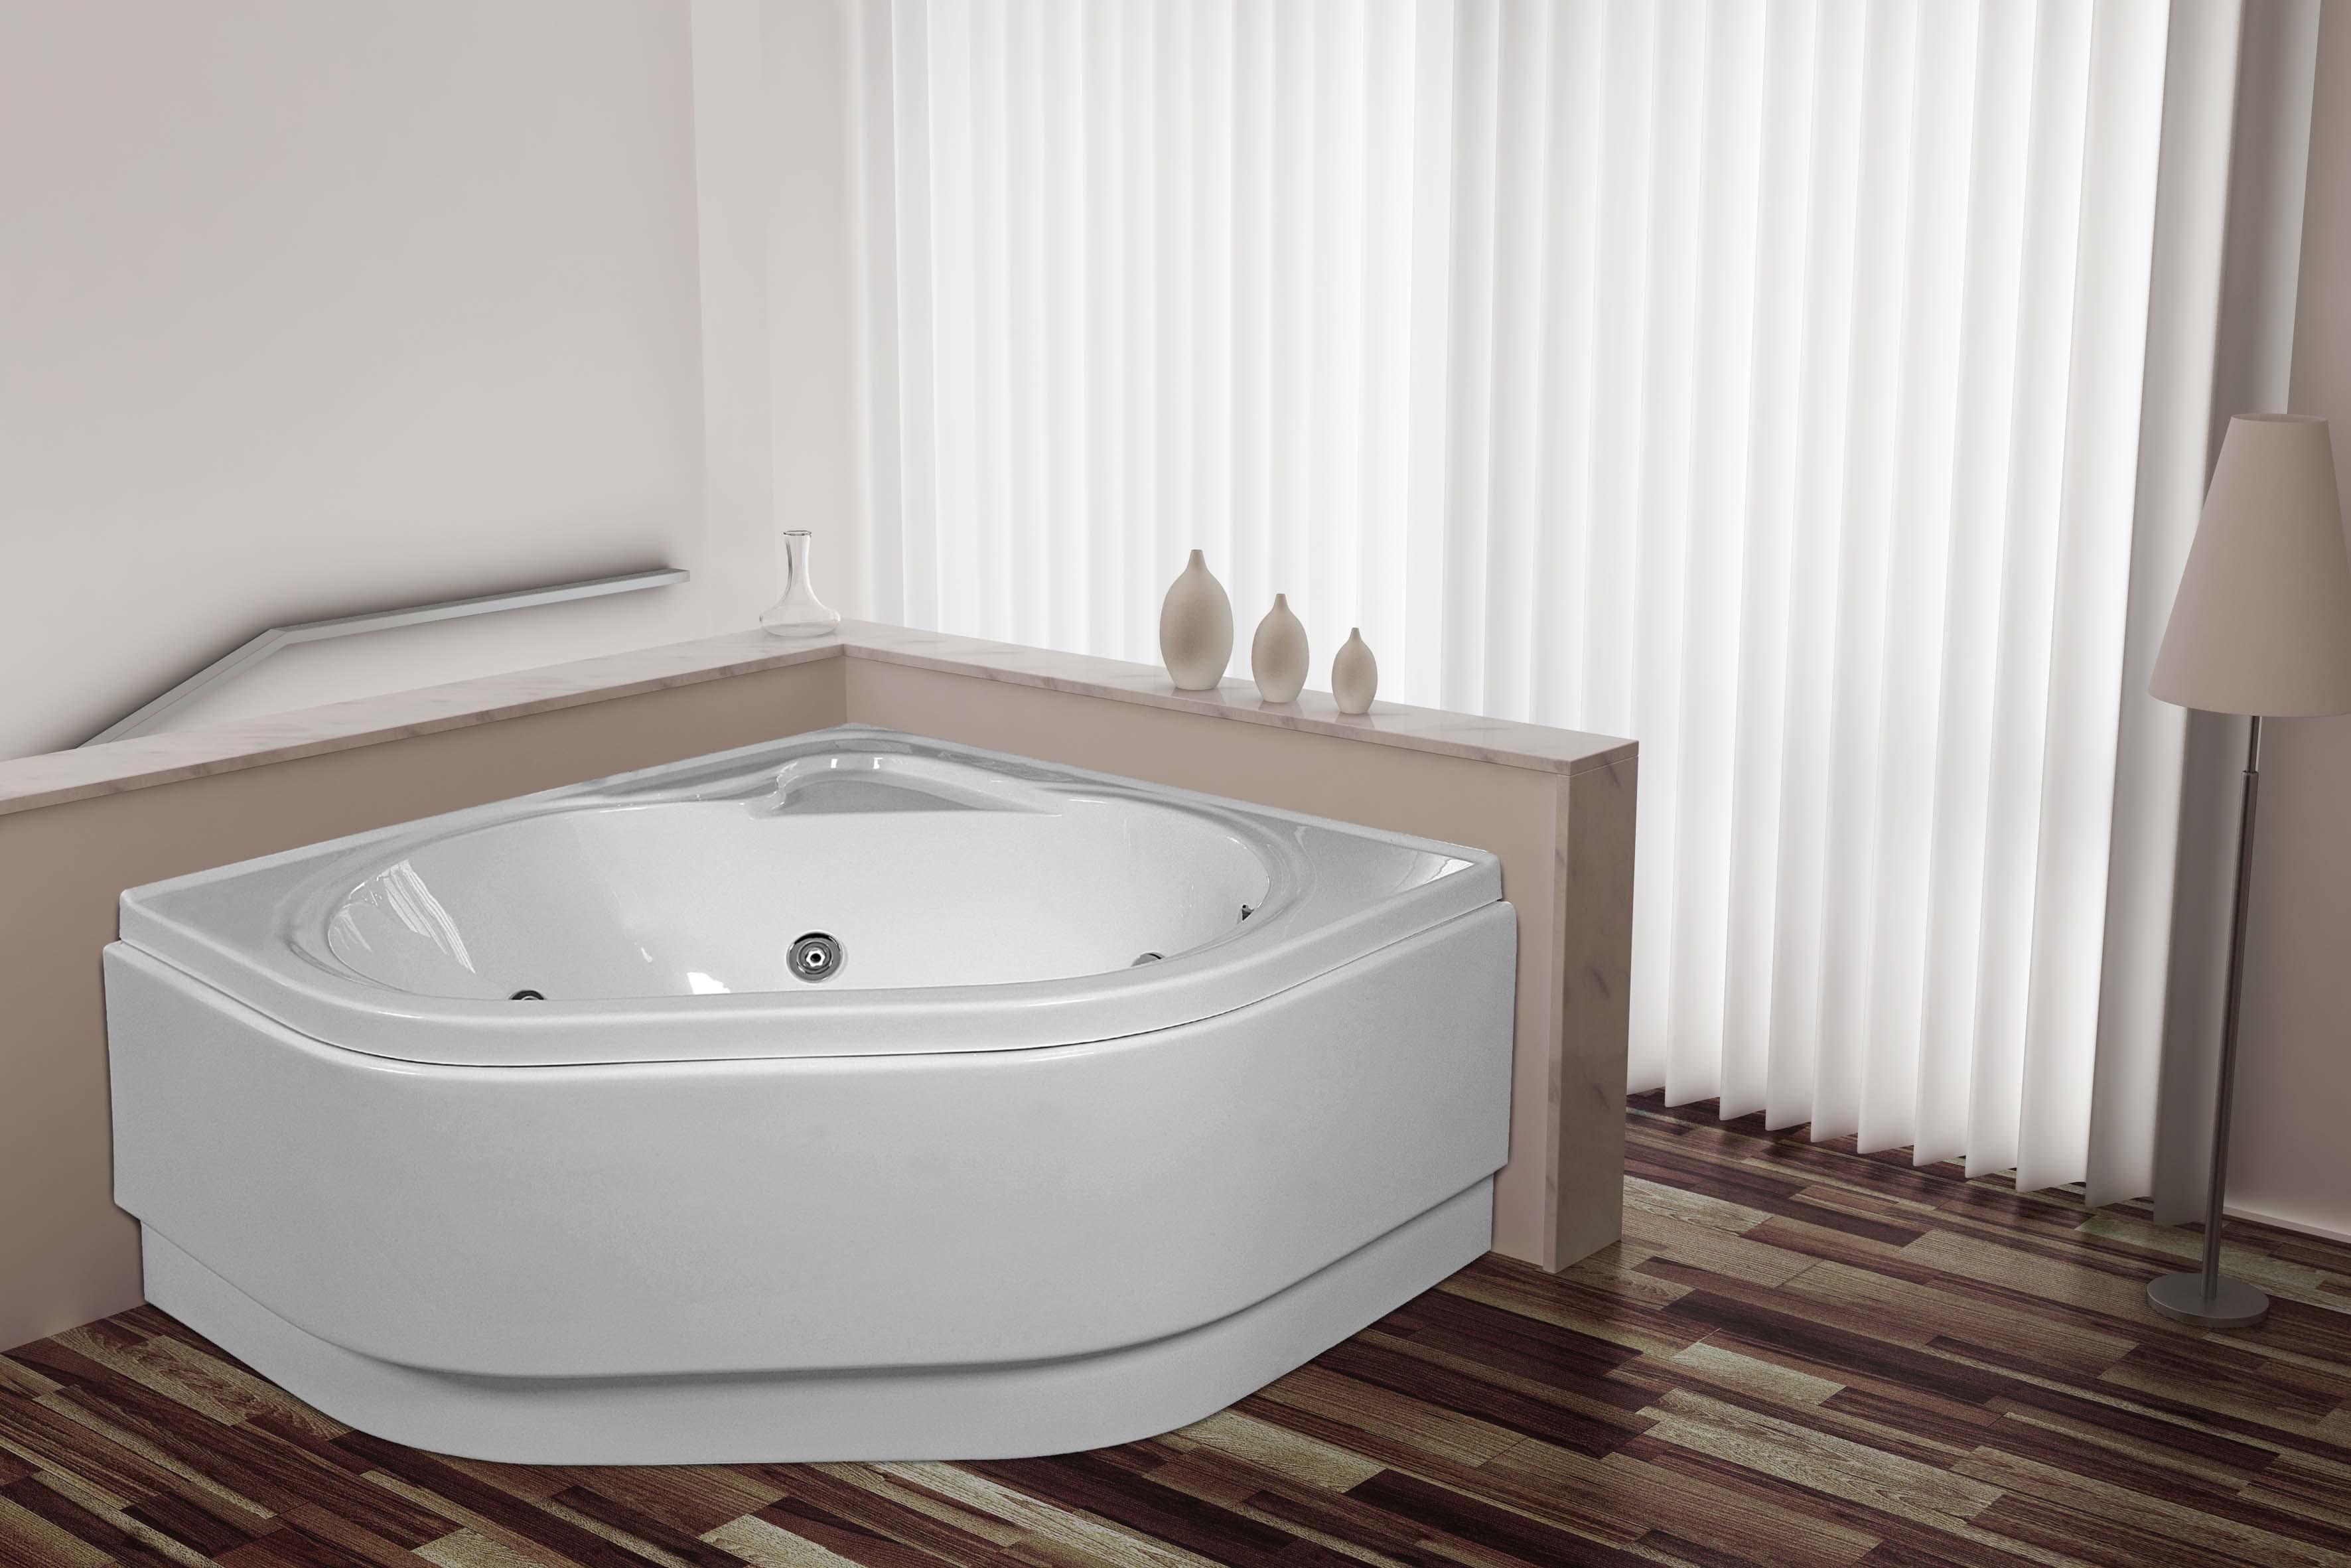 Vasche Da Bagno Idromassaggio : Vendita vascha da bagno idromassaggio jetfun mod balnea online